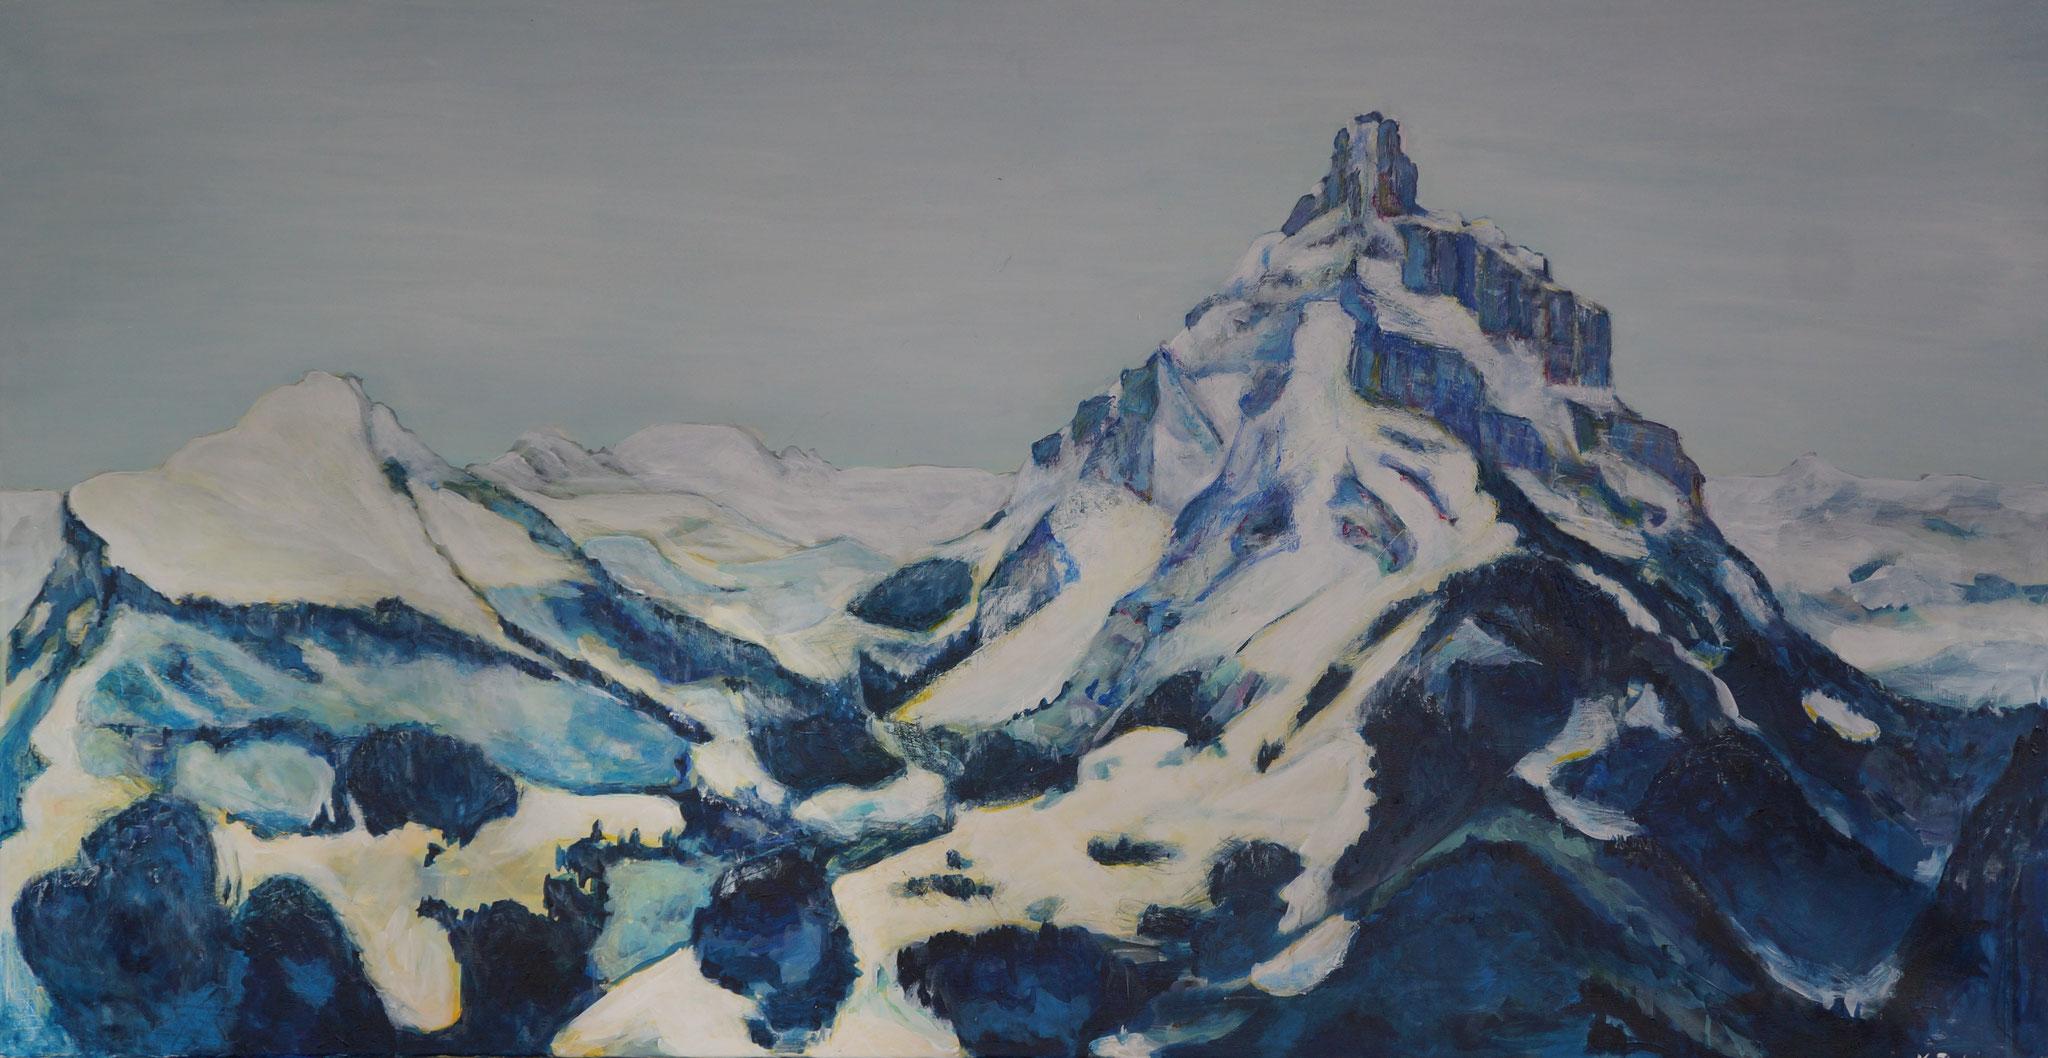 Mürtschenstock, 140cm x 74cm, Acryl auf Leinwand, 2012